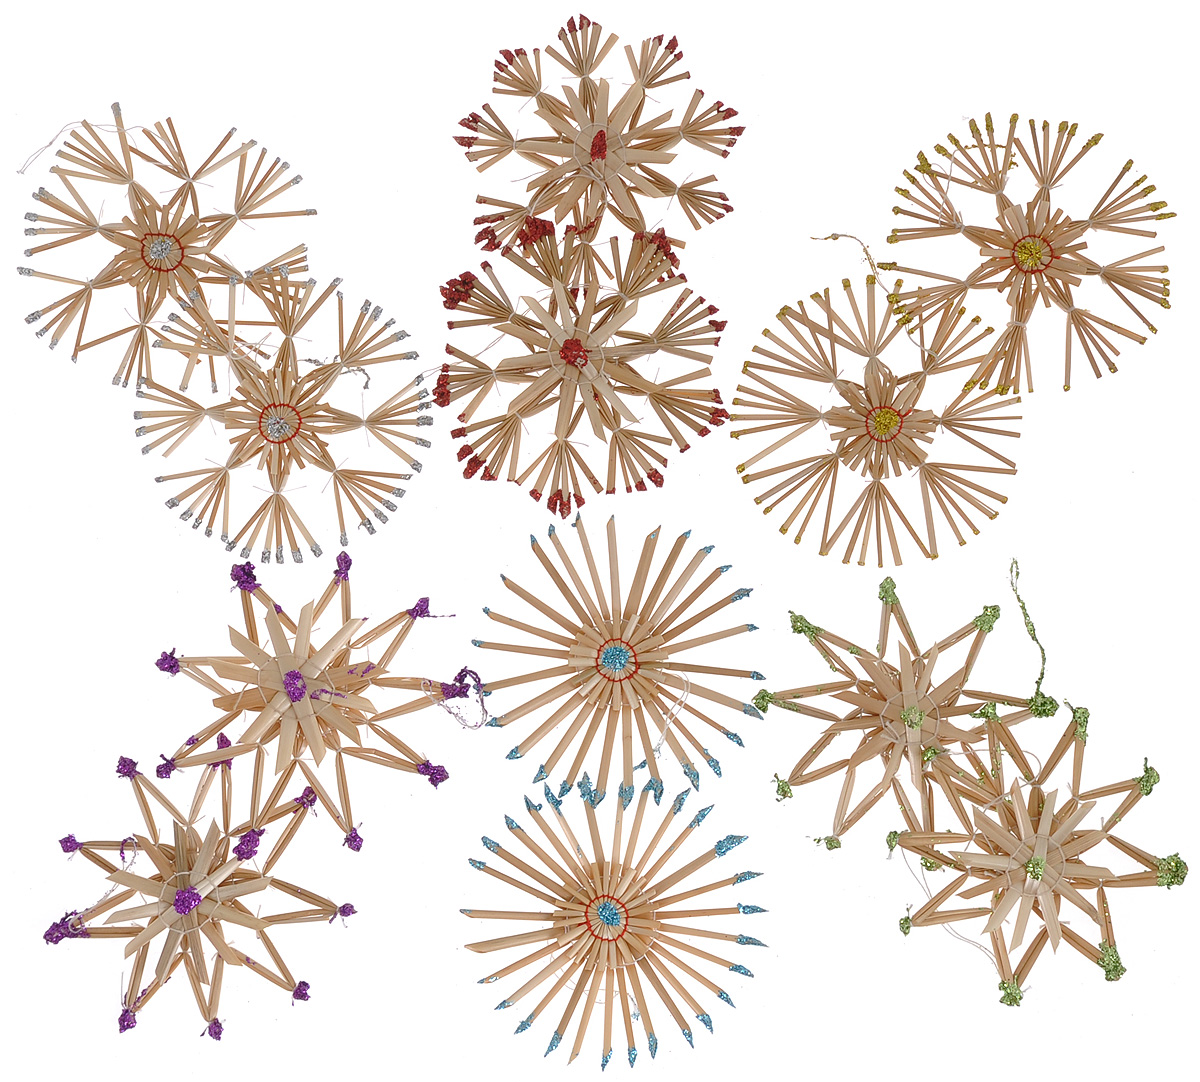 Набор новогодних подвесных украшений Феникс-презент Радуга, 12 шт набор новогодних украшений феникс презент бант цвет лиловый 12 шт 39193